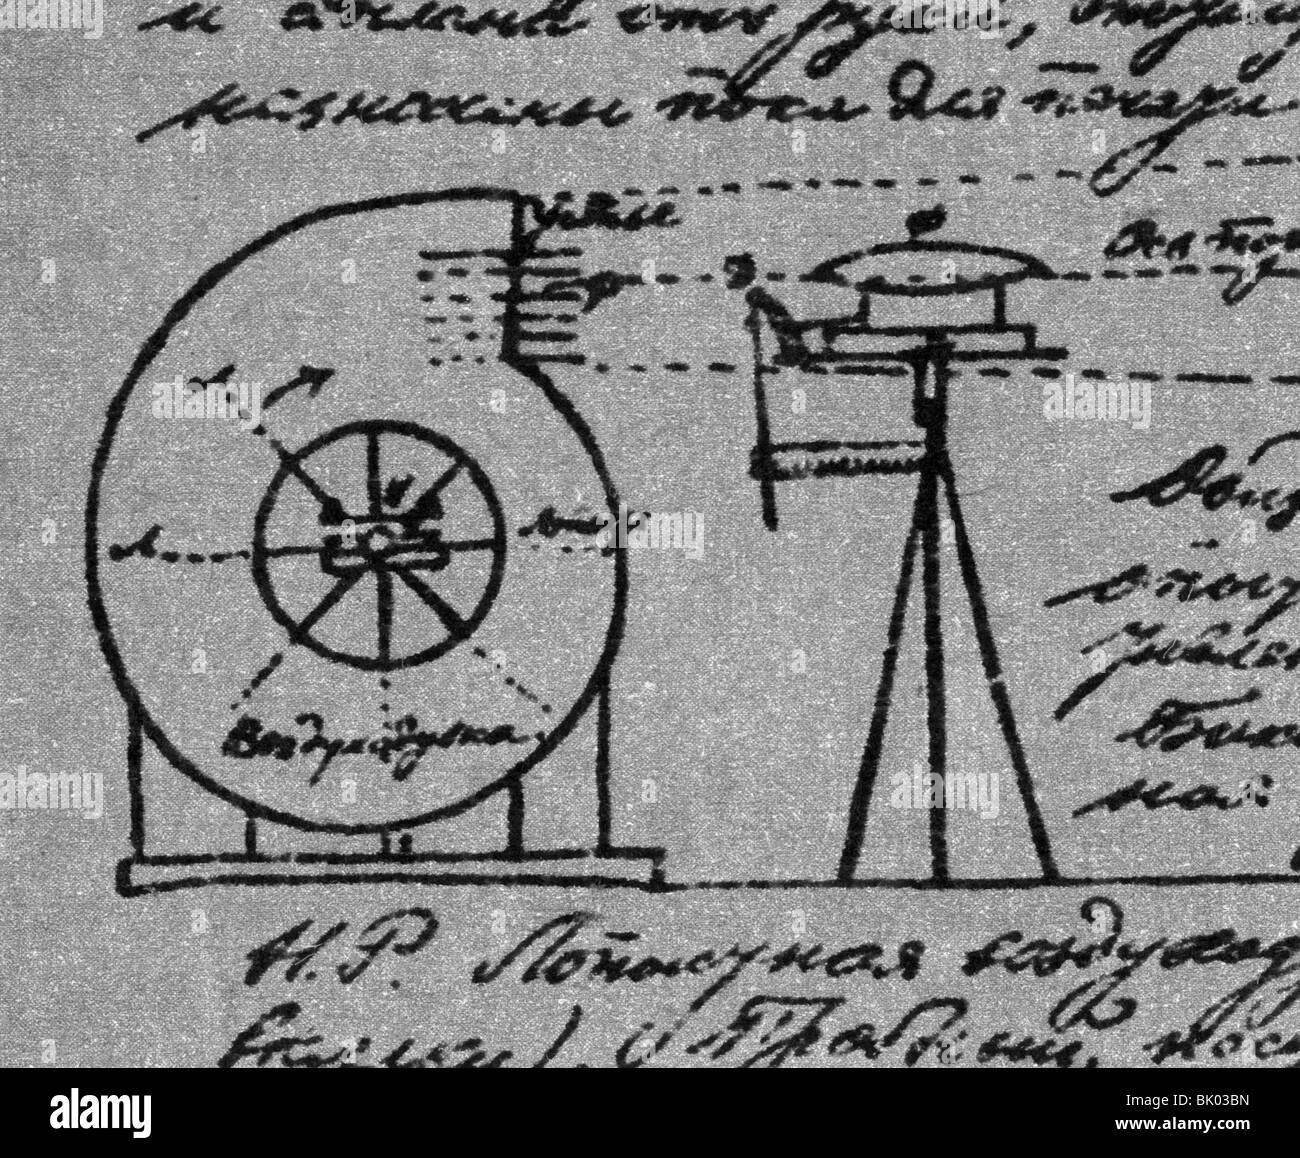 Tsiolkovskii, Konstantin Eduardovich, 17.9.1857 - 19.9.1935, russischer Physiker, Mathematikhistoriker, Windkanal, Stockfoto